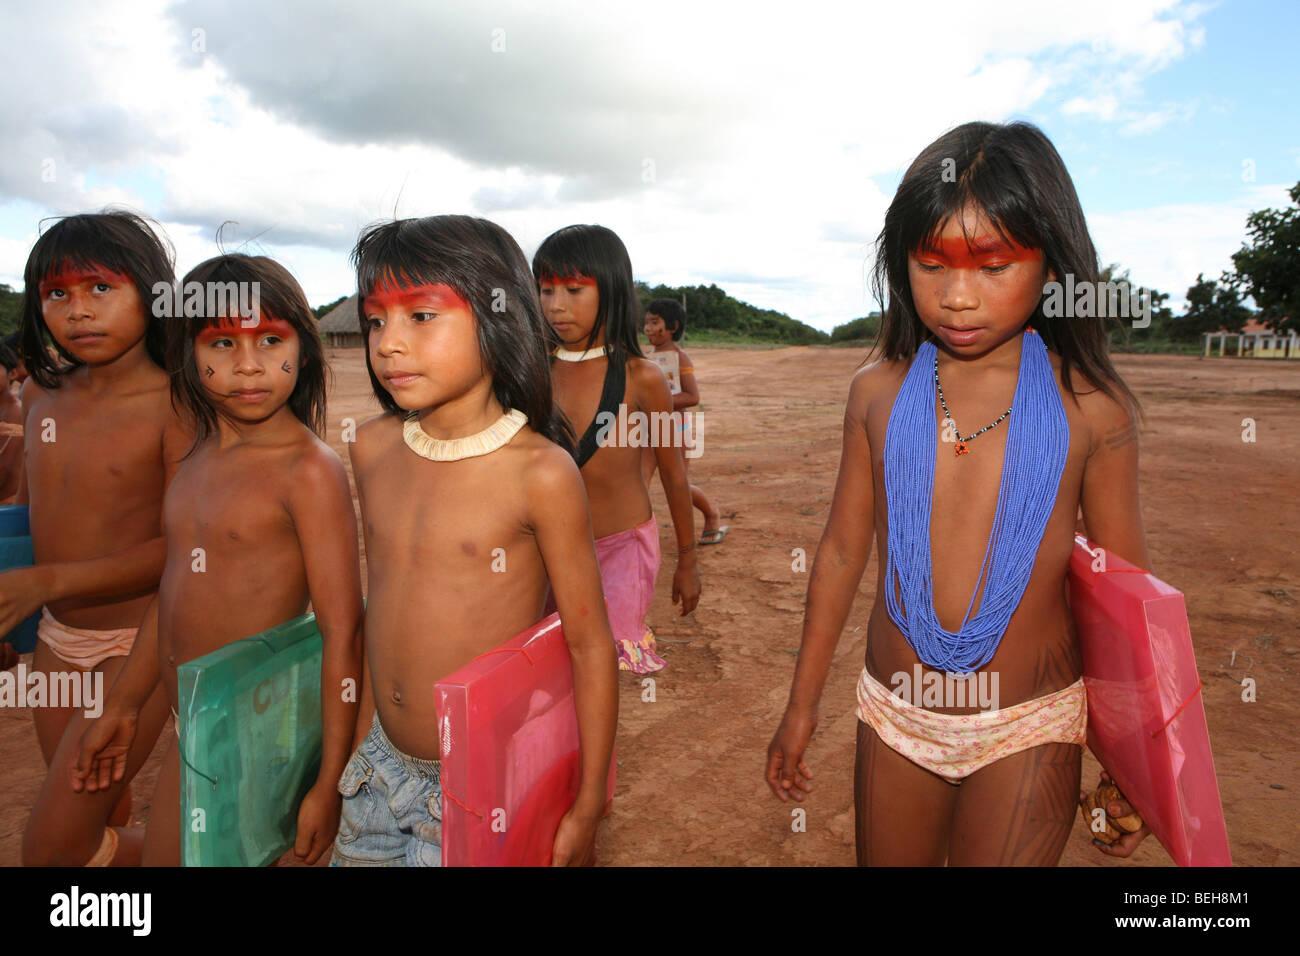 Imgrsc Ru Nudist Family | Kumpulan Berbagai Gambar Memek | GMO